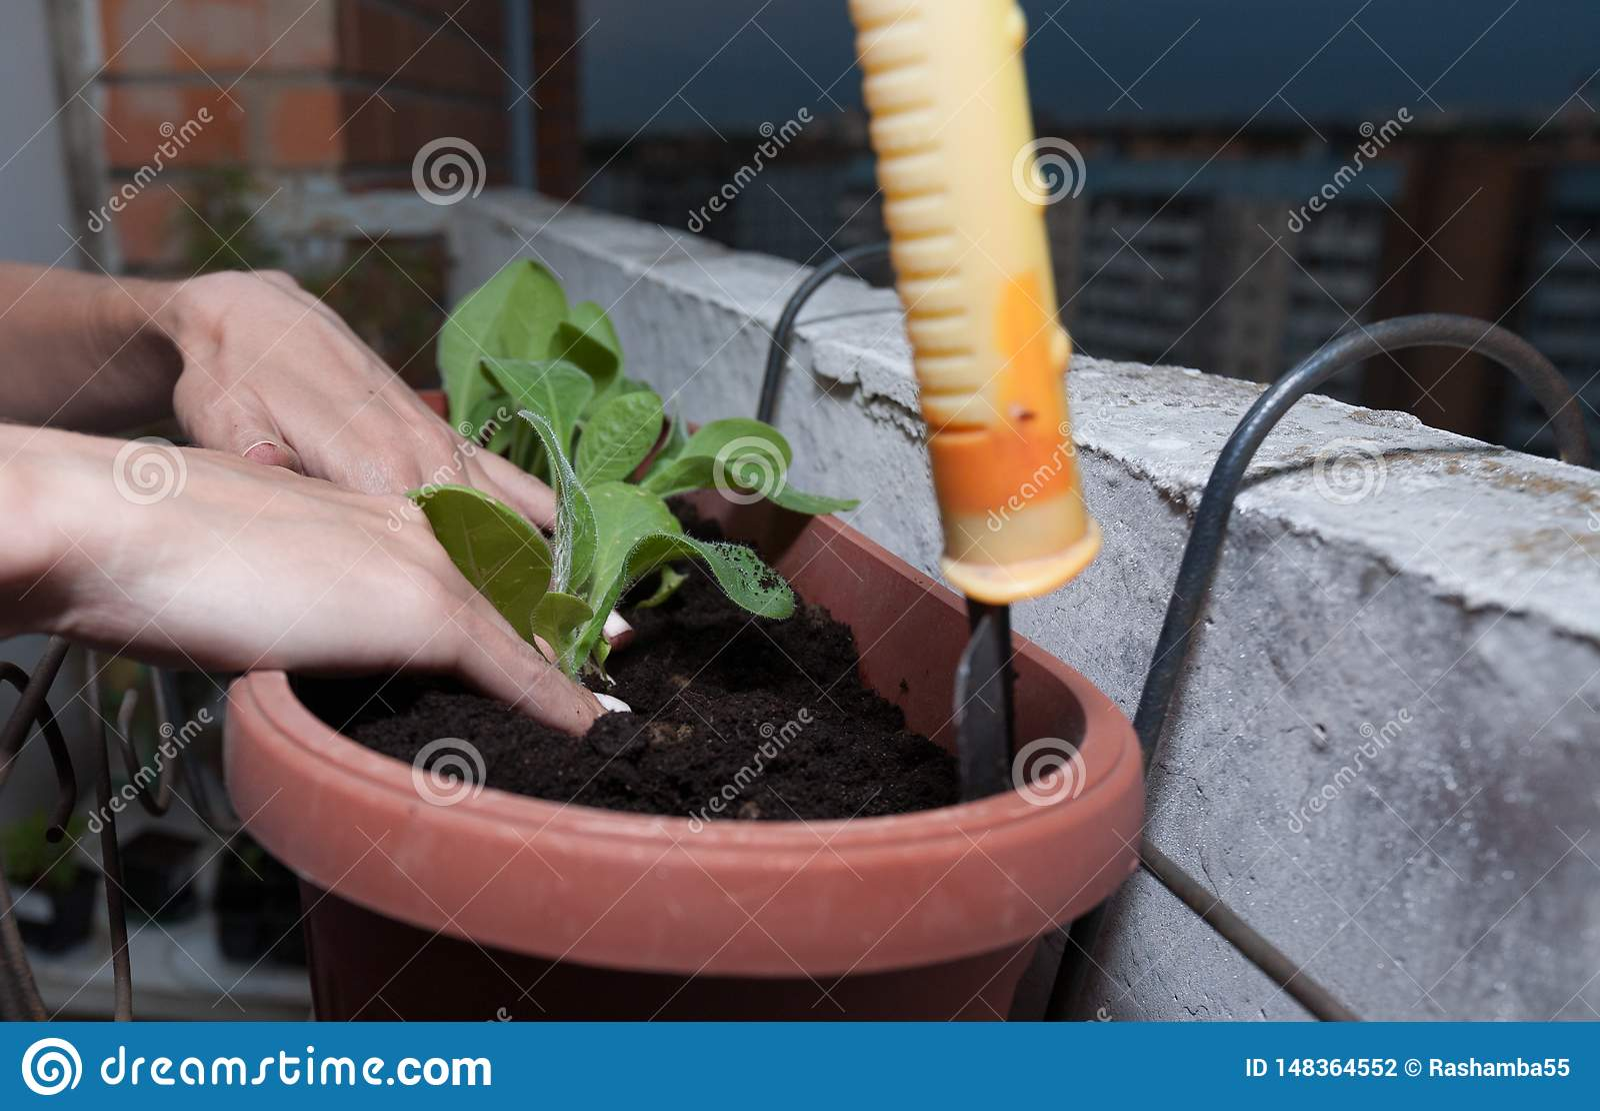 Les mains femelles plantent des fleurs dans le pot avec la terre sur le balcon